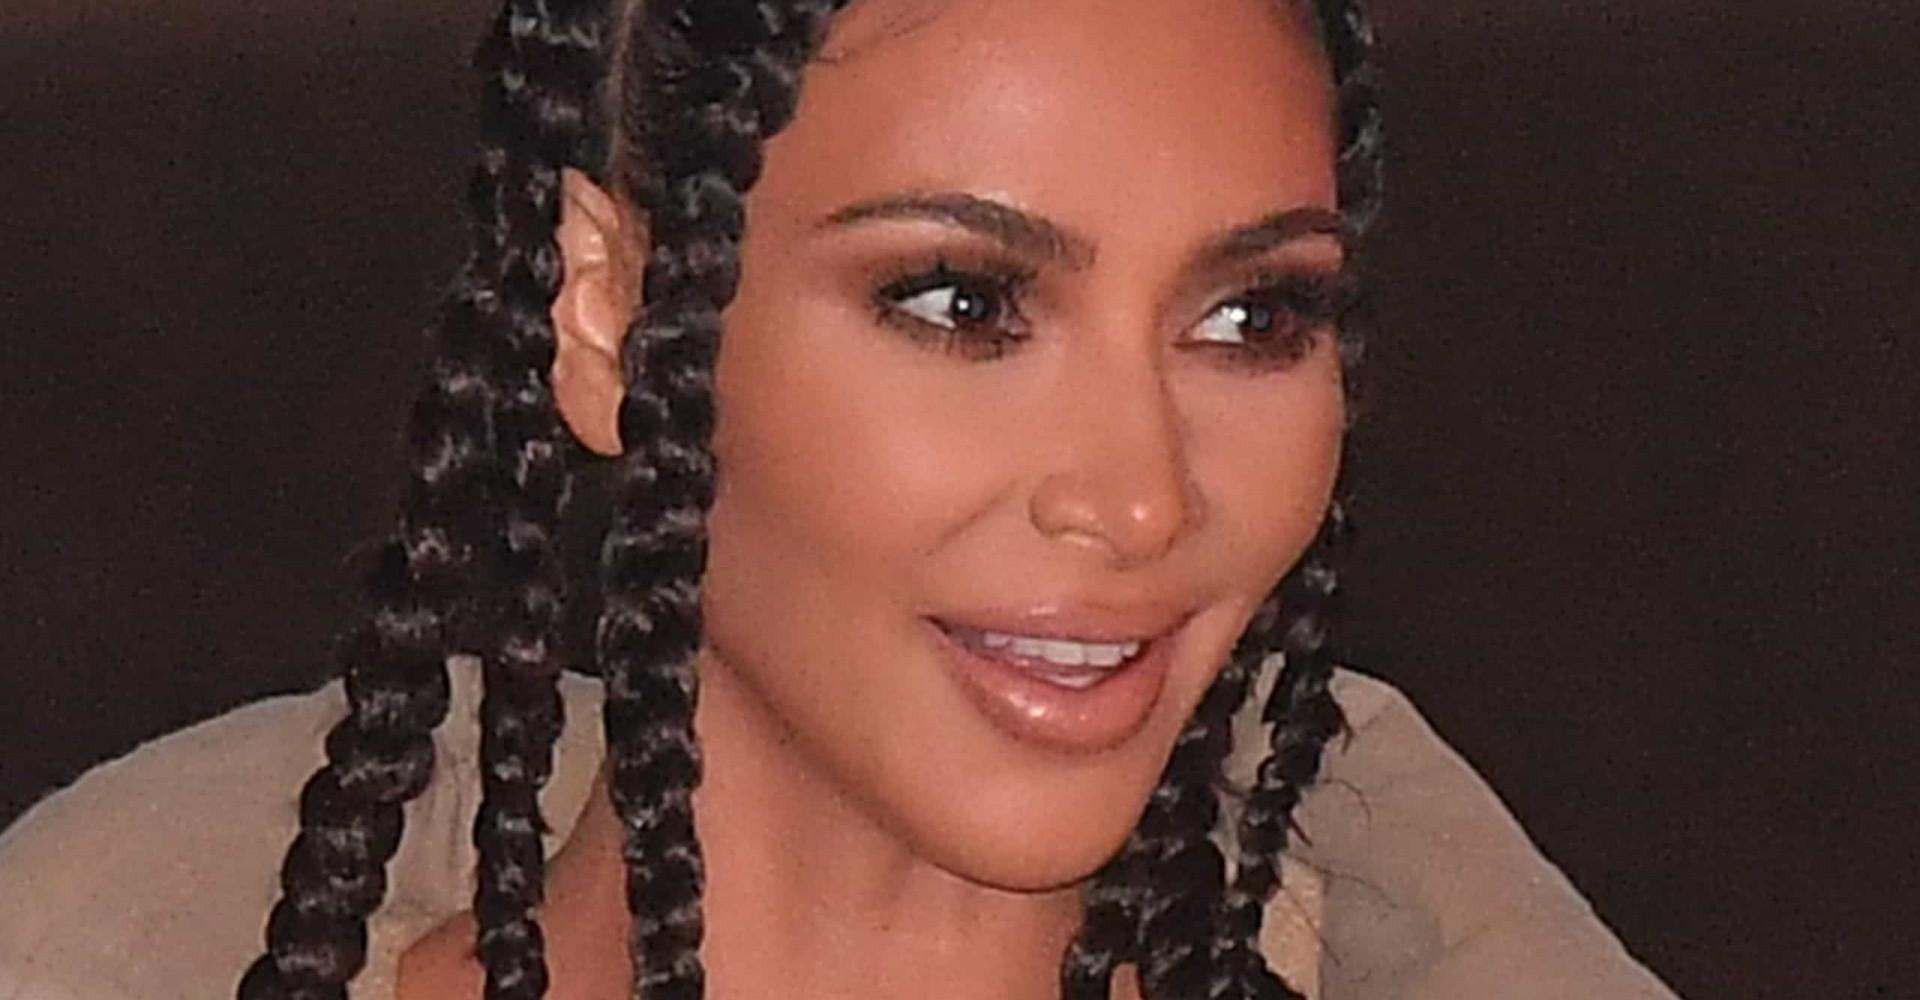 Kim Kardashian ja muut julkkikset, joita on syytetty kulttuurisesta omimisesta